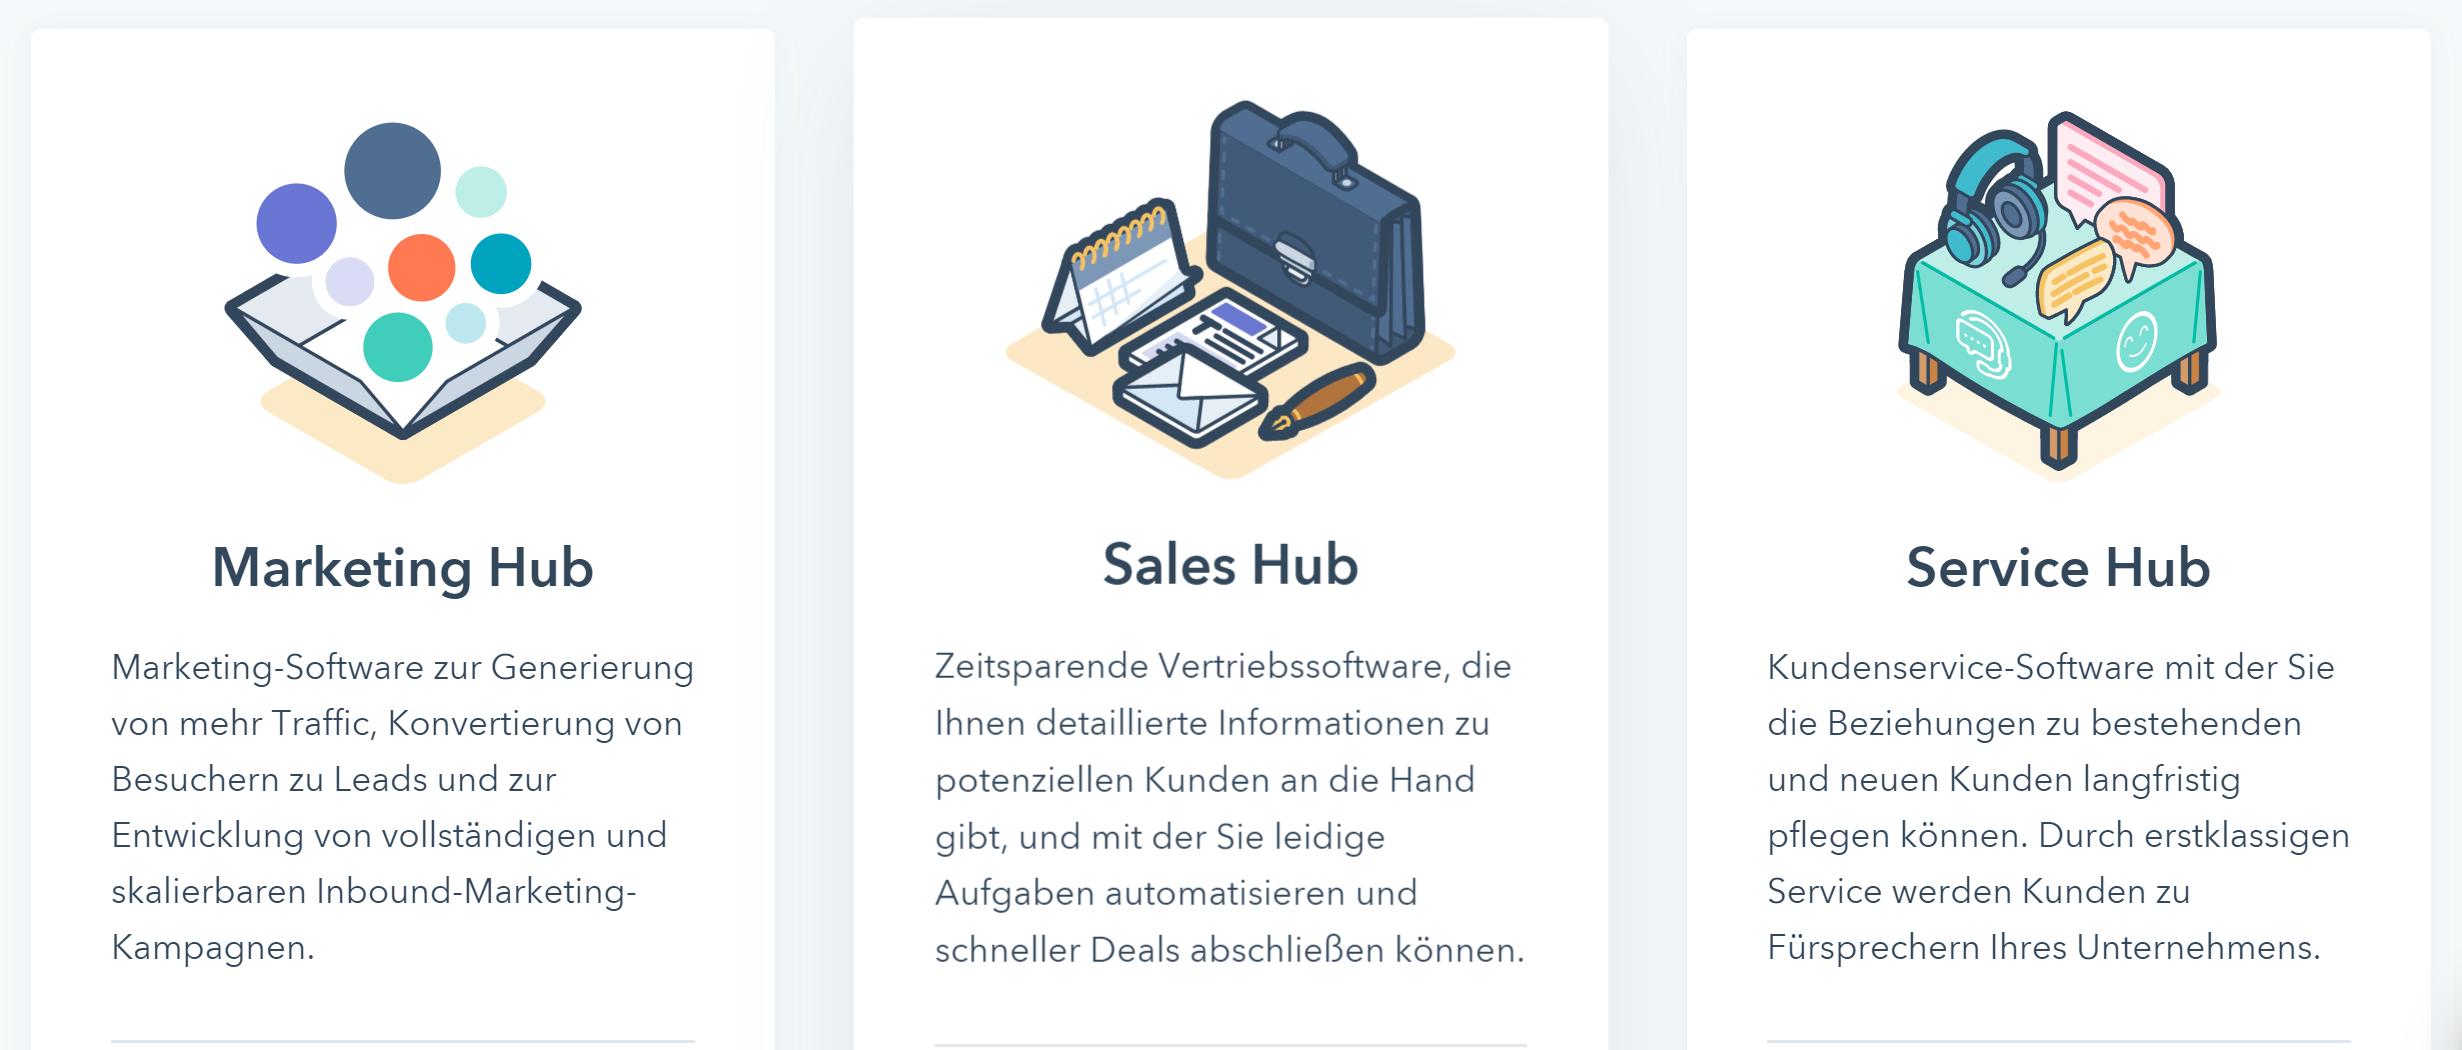 HubSpot bietet einen Marketing Hub, Sales Hub und Service Hub an